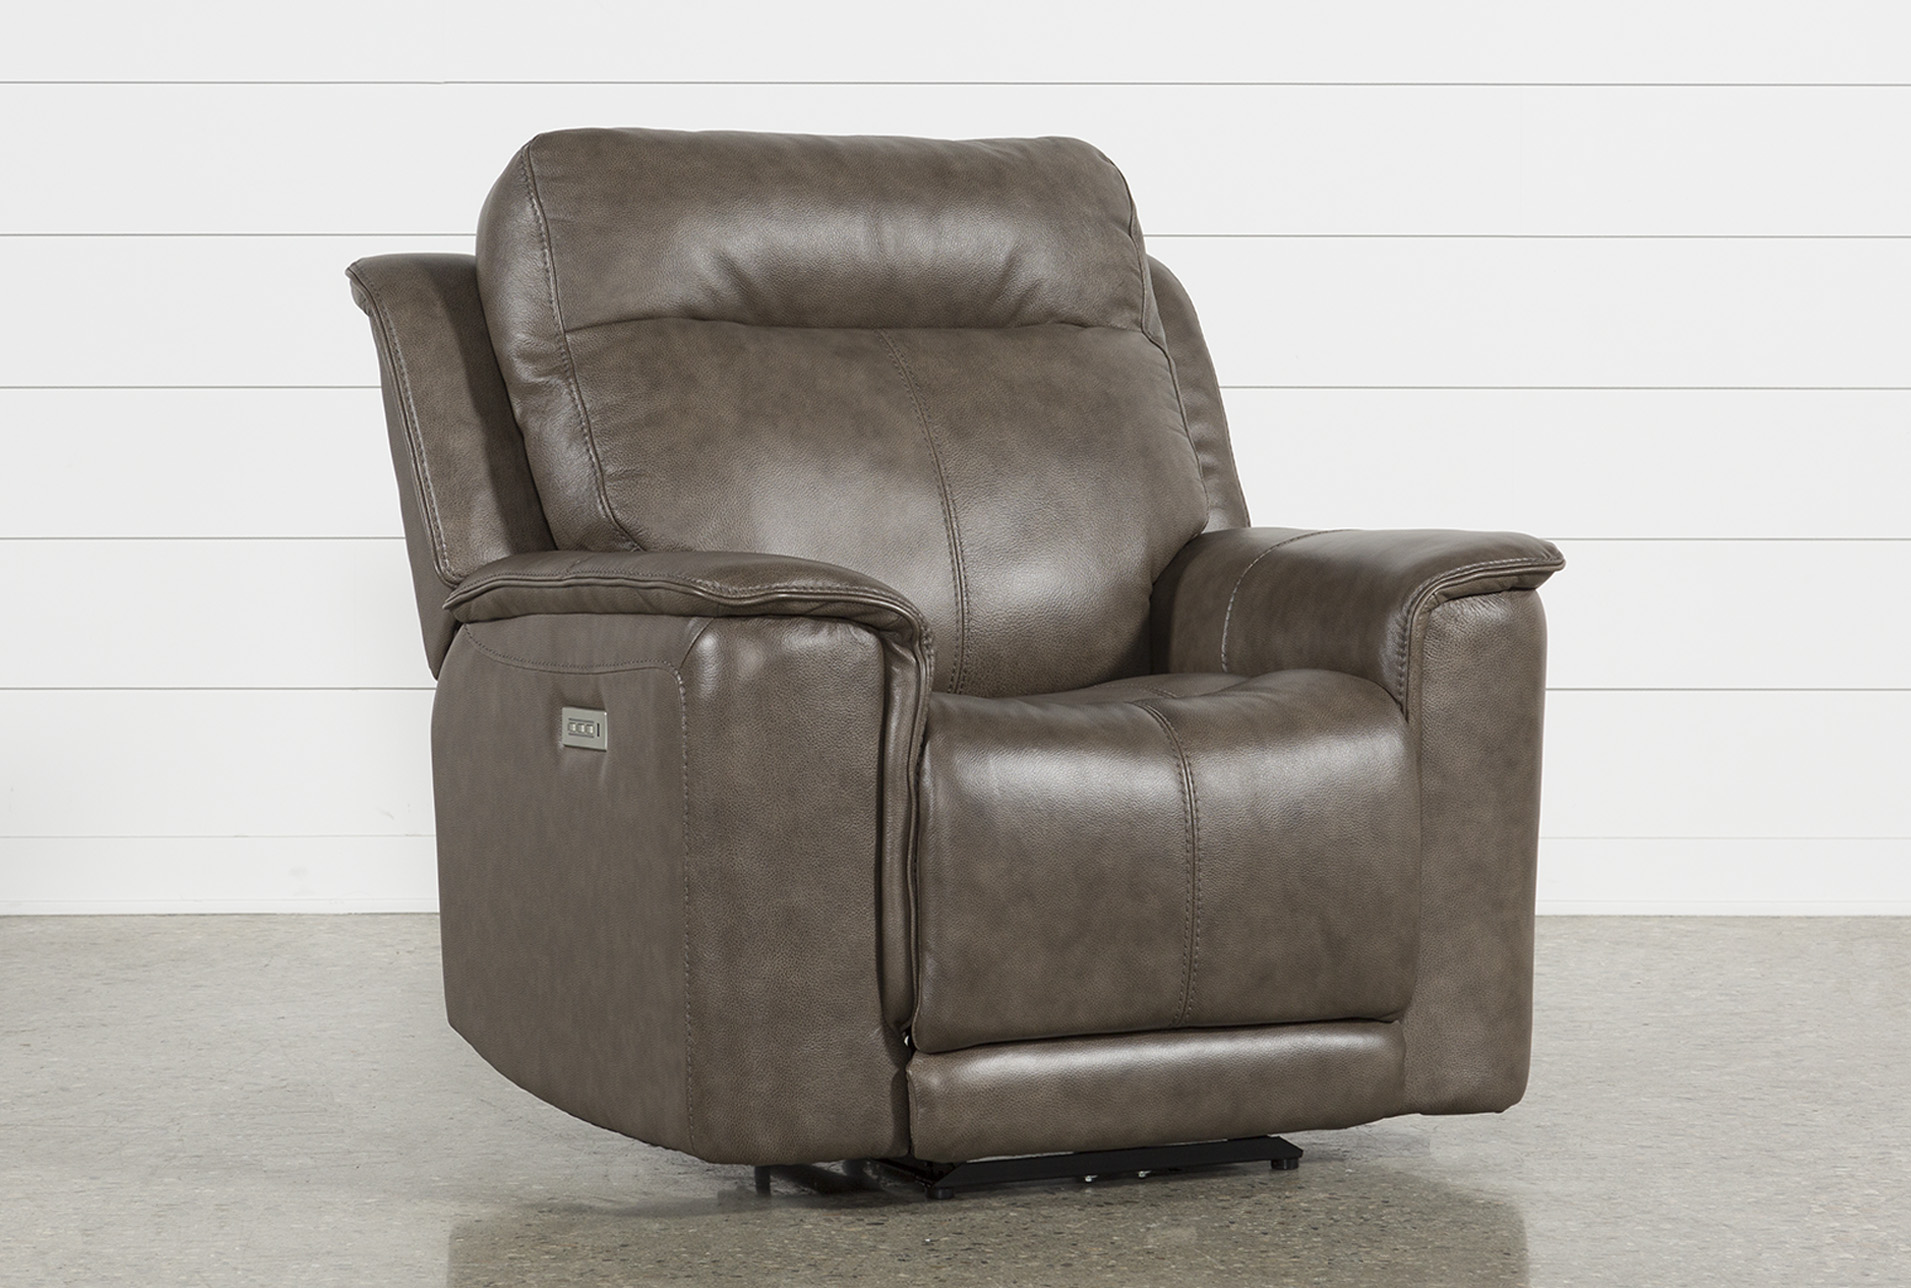 Walsh Mink Power Recliner W/Power Headrest, Lumbar & Usb | Living Spaces